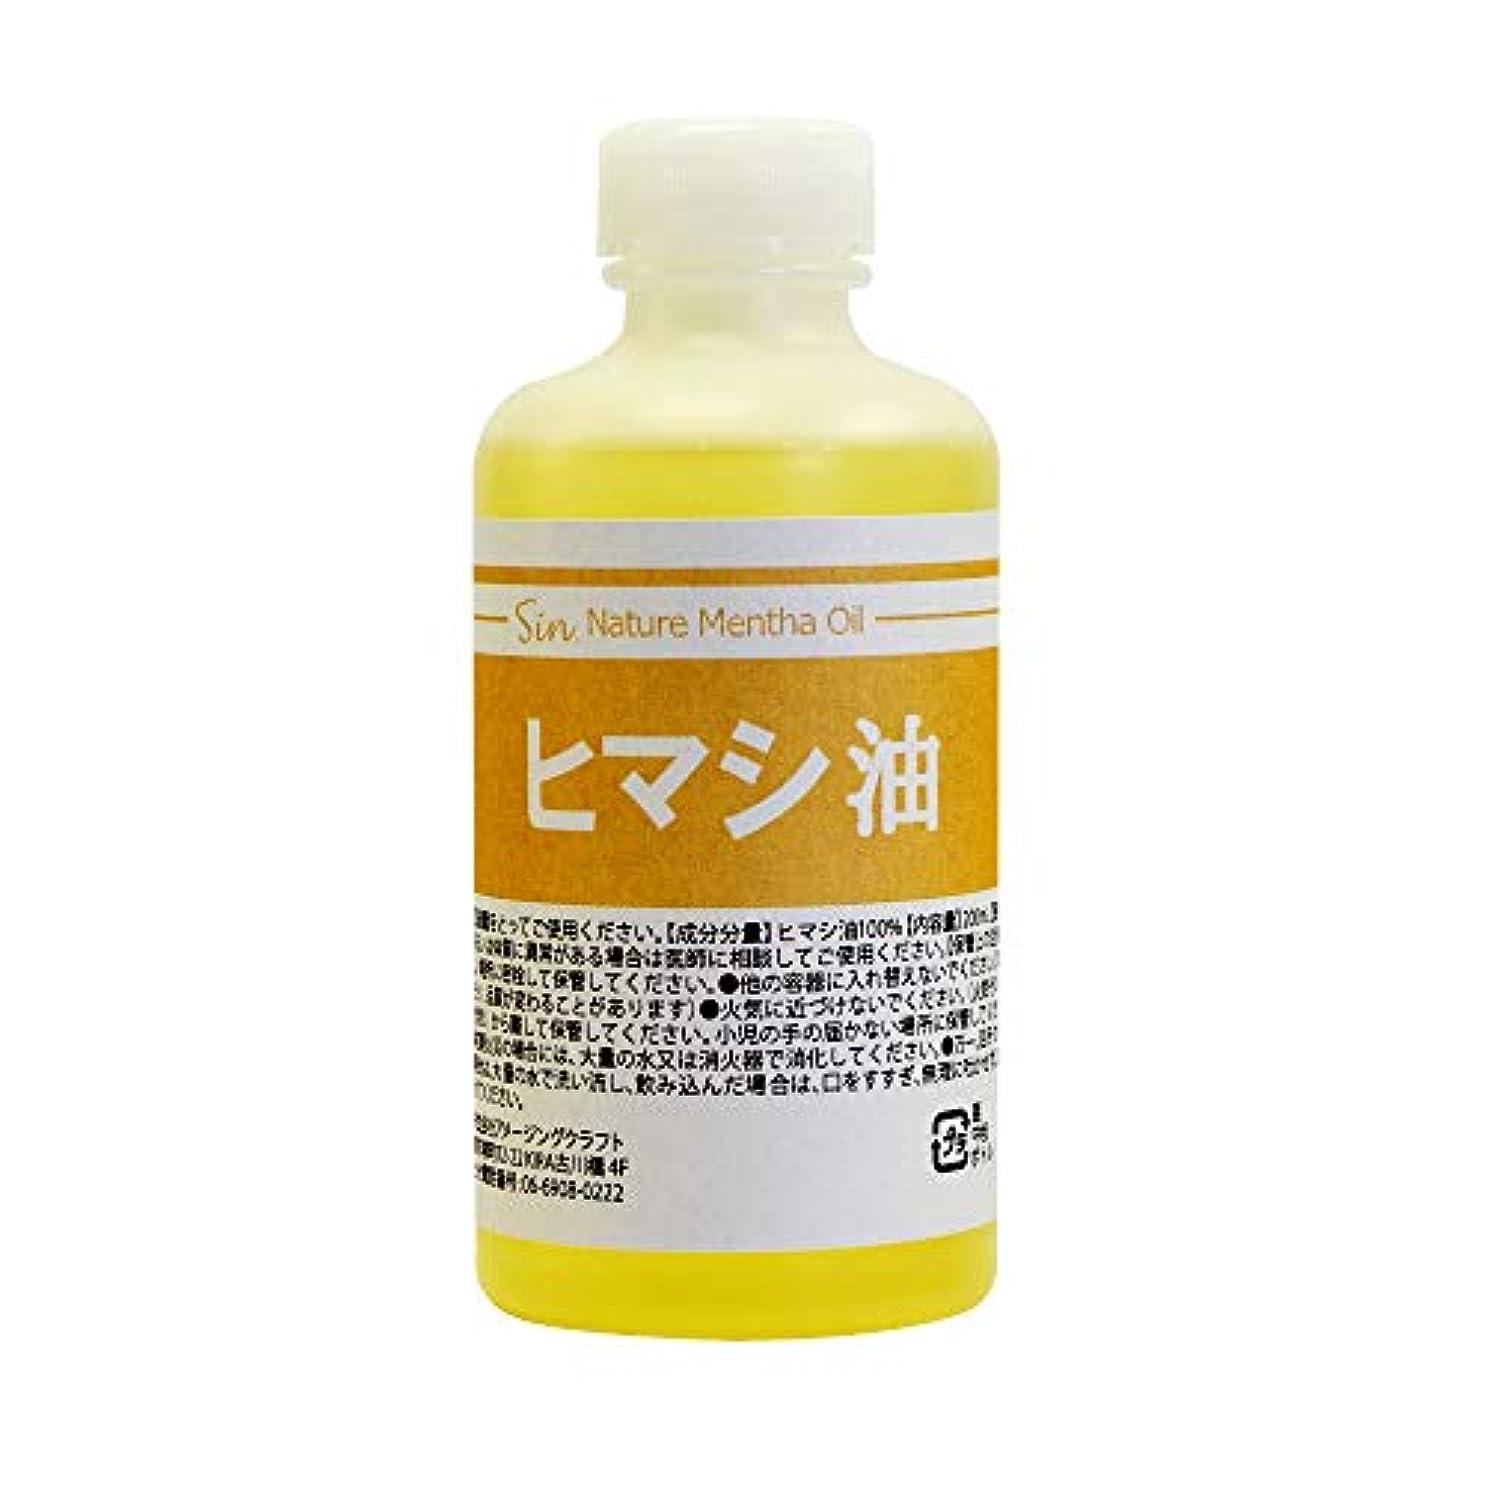 しおれた絶えず郵便局天然無添加 国内精製ひまし油 (キャスターオイル) 200ml